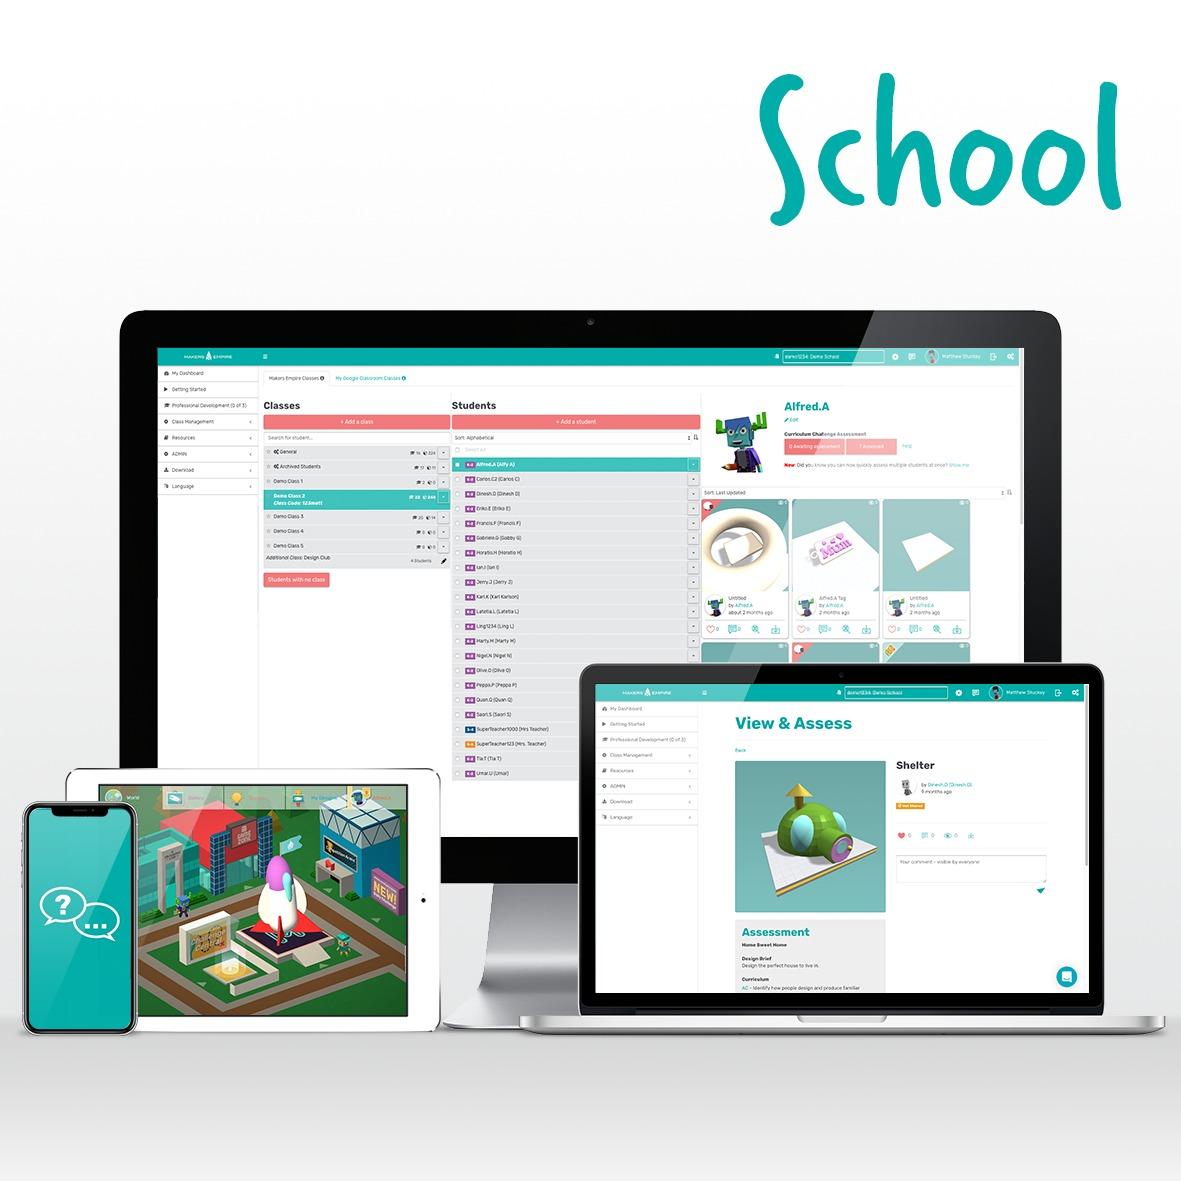 MAK_Shop_1908_School